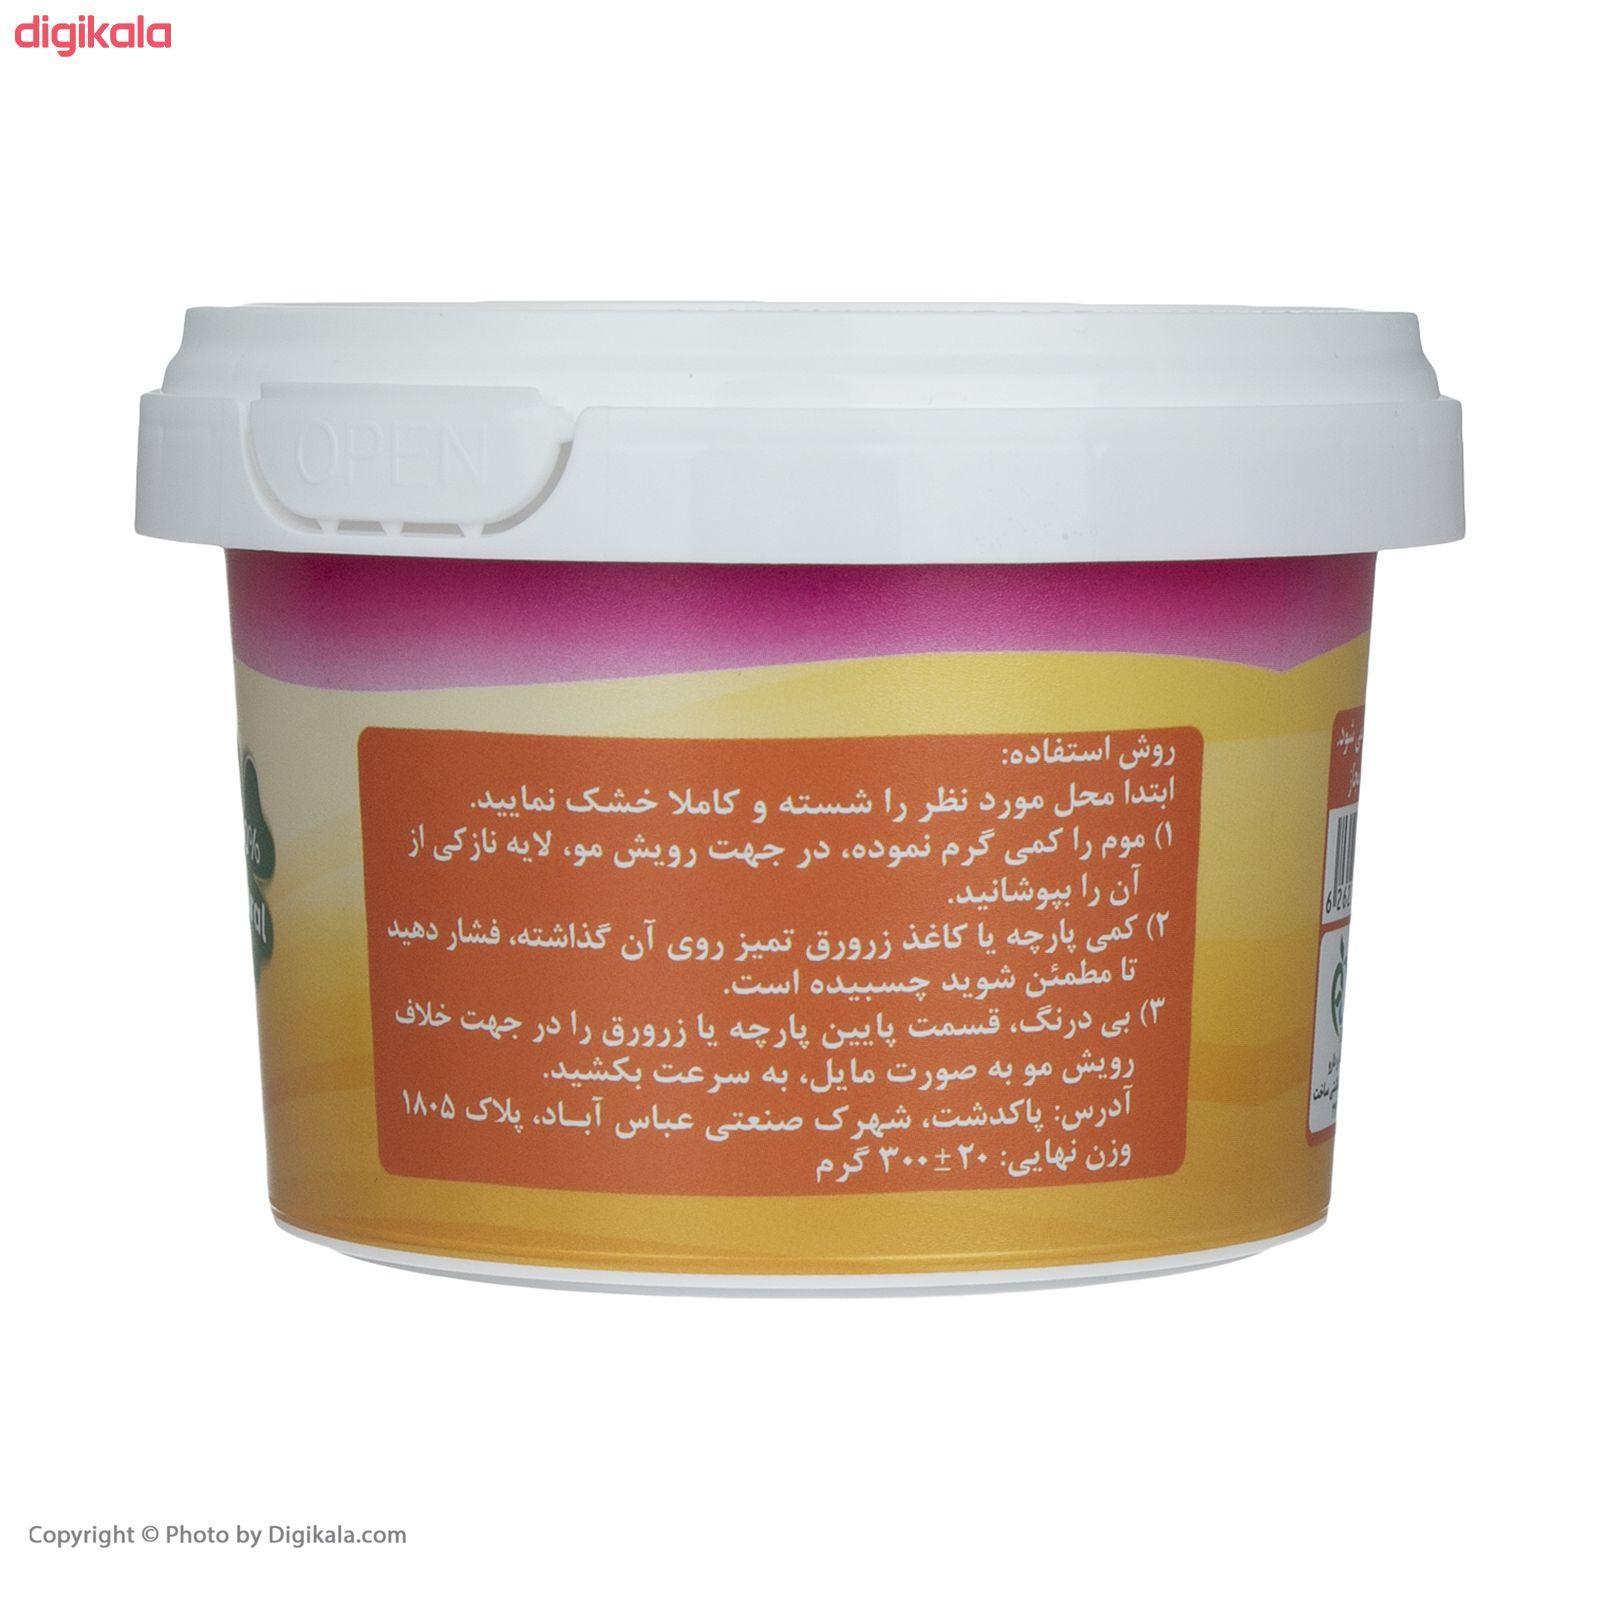 موم موبر نیر مدل Honey وزن 300 گرم main 1 3